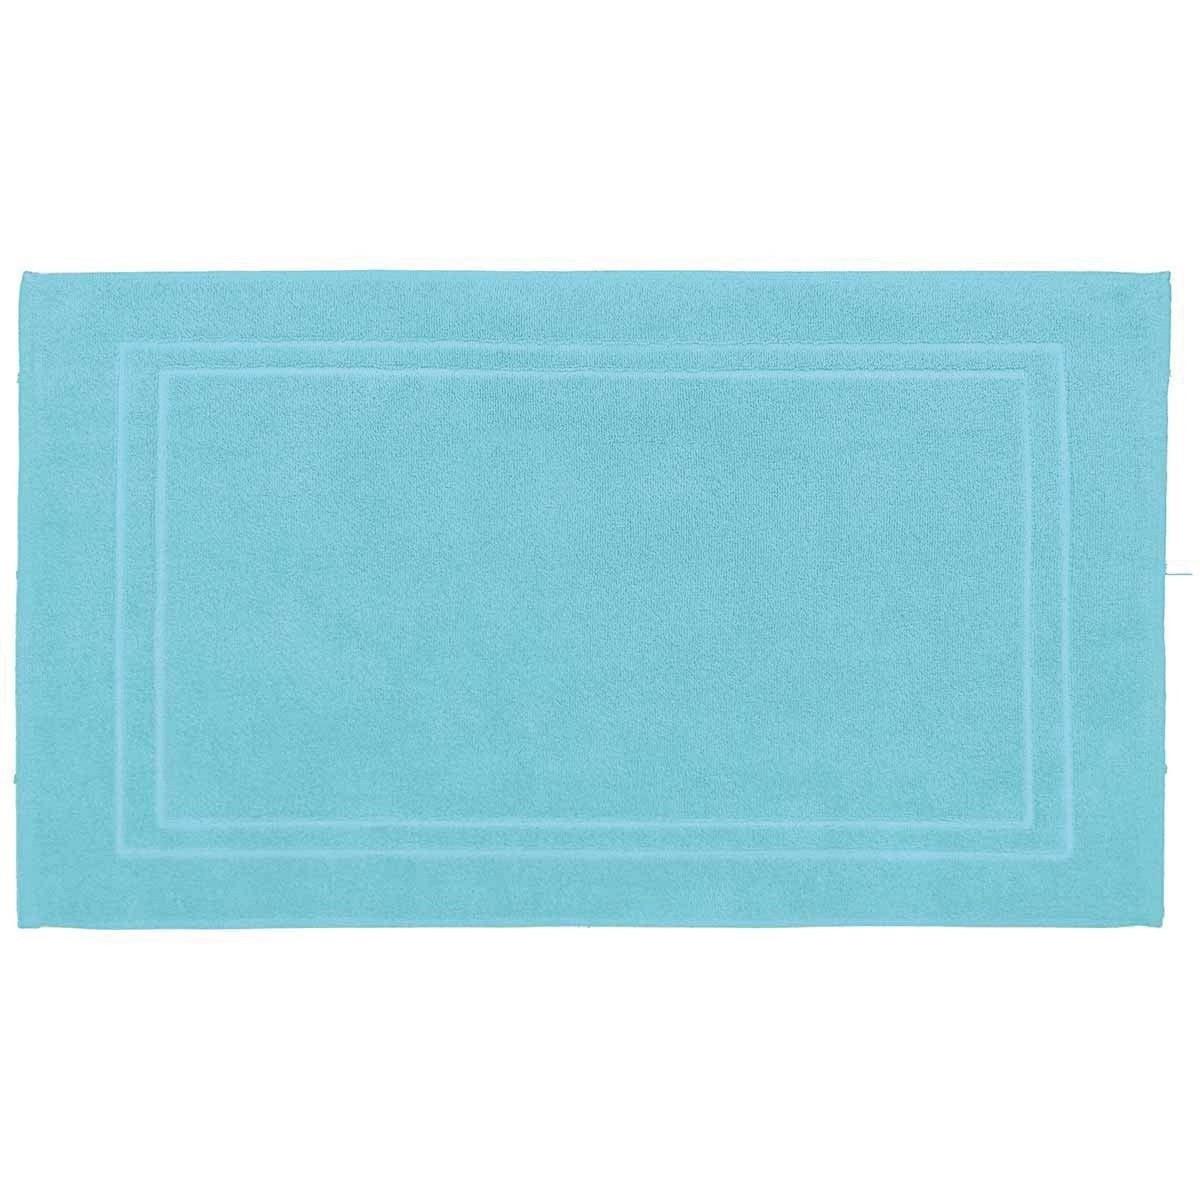 LUXURY - Tapis de bain 900gr/m²  Bleu Turquoise 50x80 cm